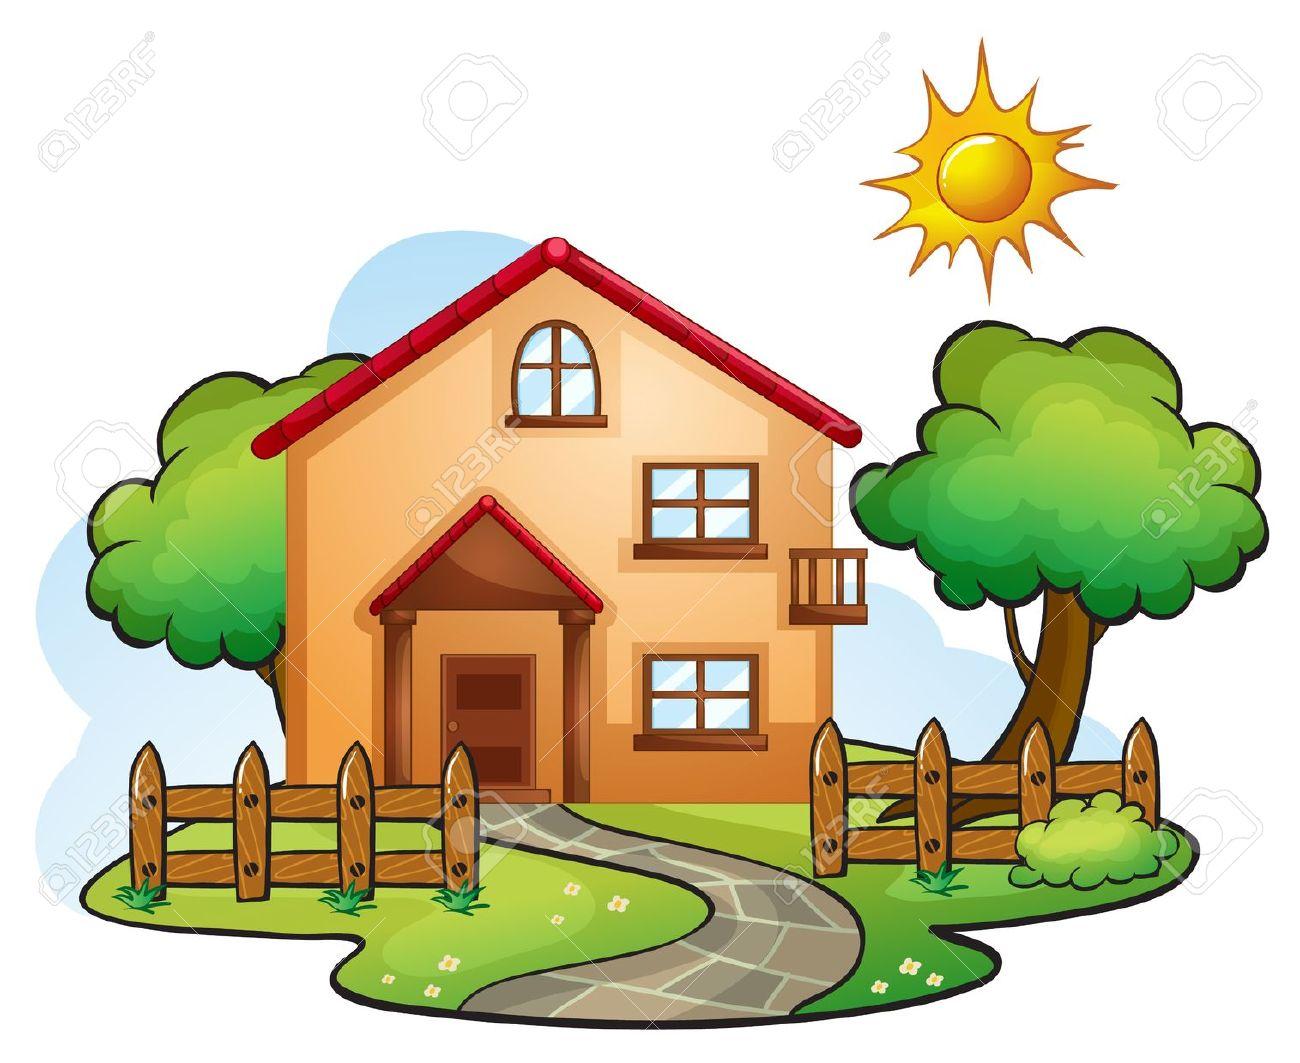 Casa meglio pagare il mutuo o l 39 affitto ultima voce - La temperature ideale dans une maison ...